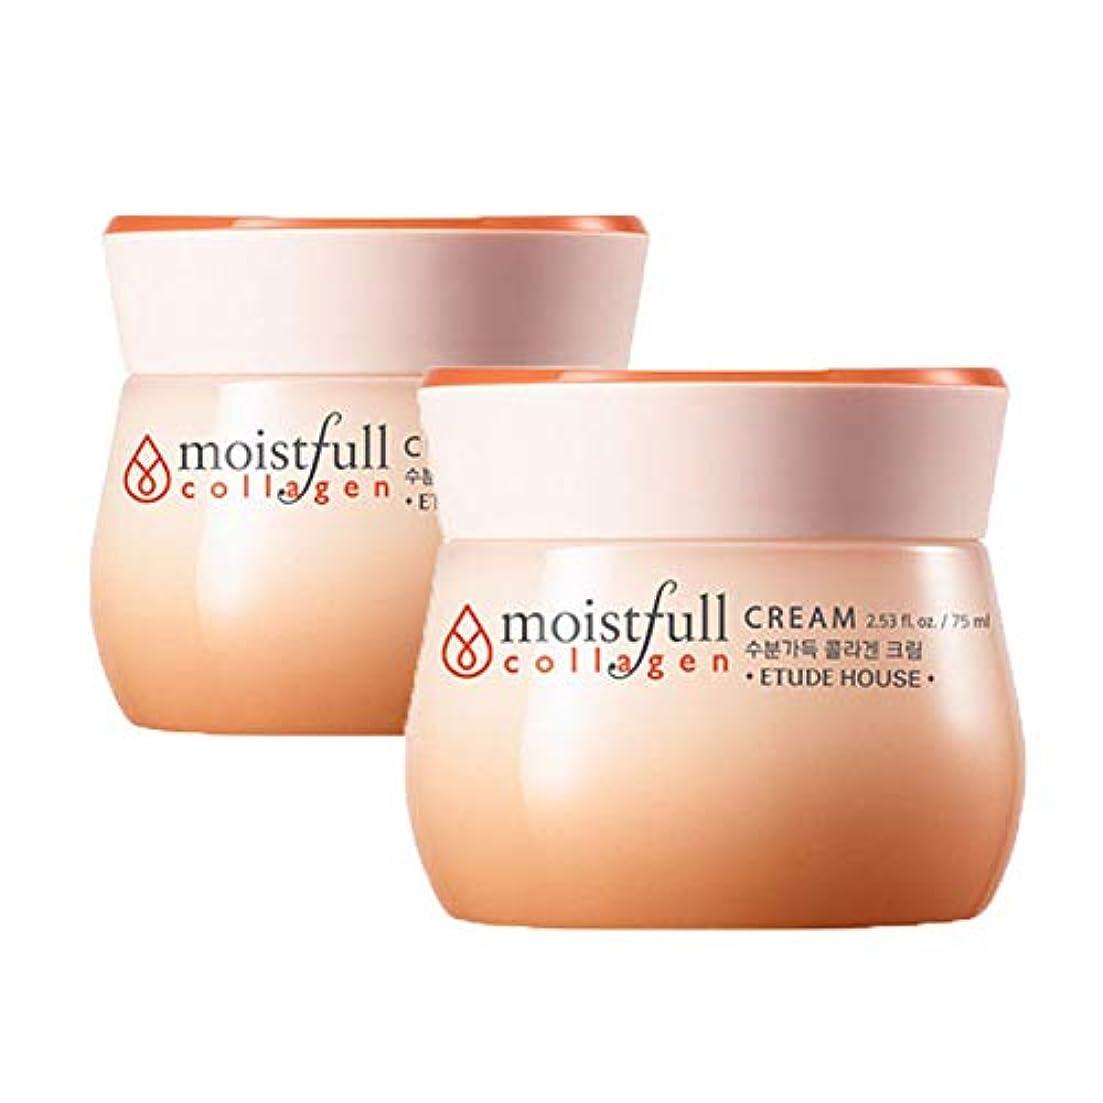 答えお客様ラベンダーエチュードハウス水分いっぱいコラーゲンクリーム 75mlx2本セット韓国コスメ、Etude House Moistfull Collagen Cream 75ml x 2ea Set Korean Cosmetics [...